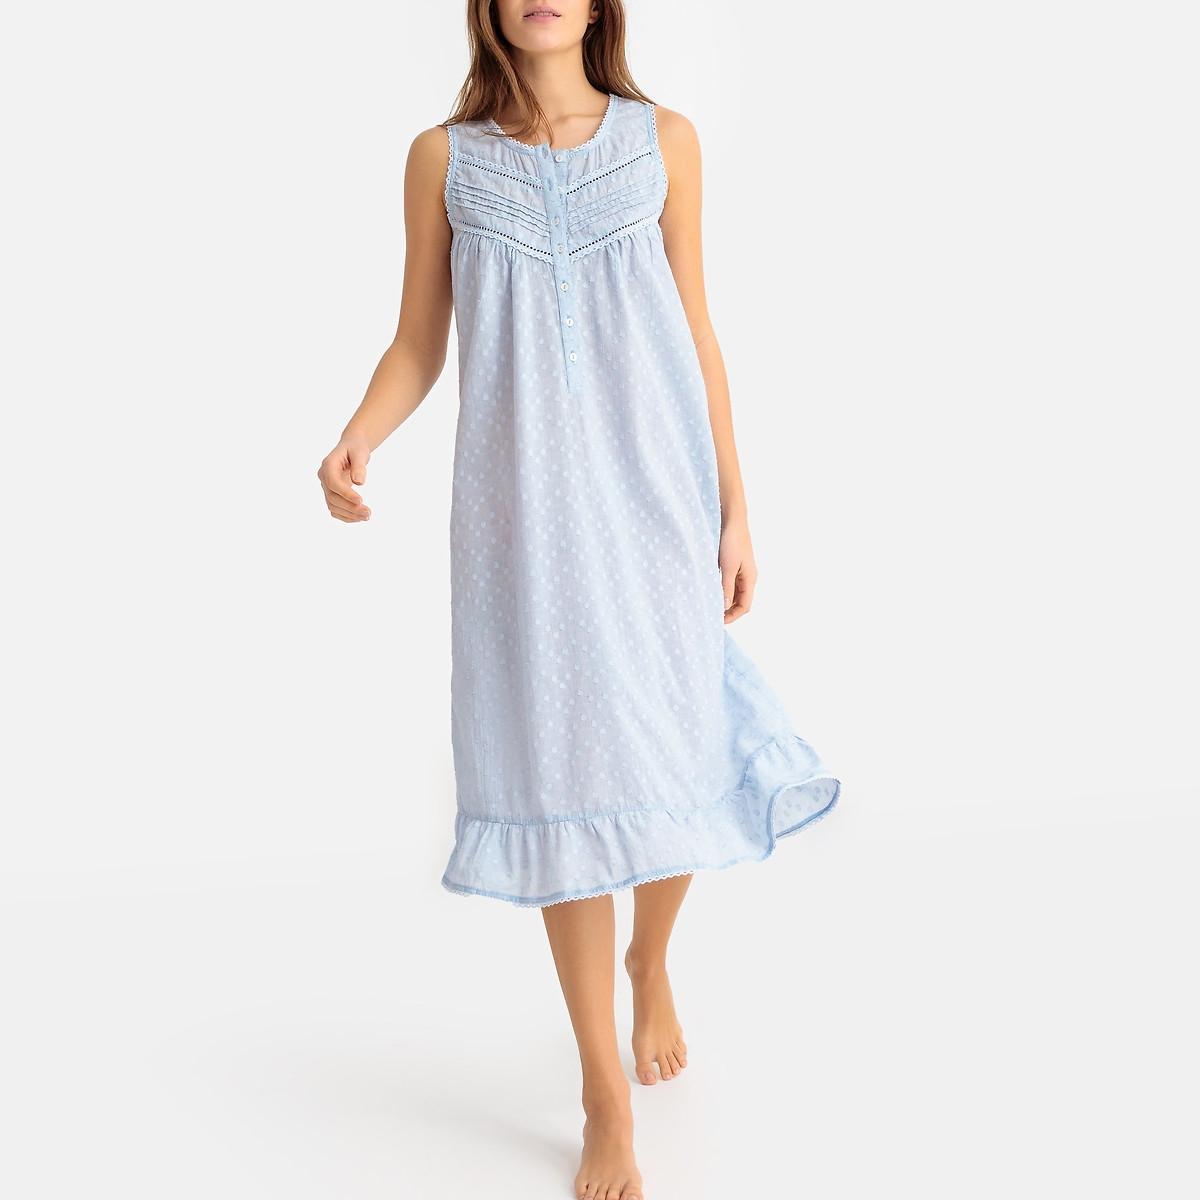 Рубашка LaRedoute Ночная с вышивкой гладью из хлопка 48 (FR) - 54 (RUS) синий